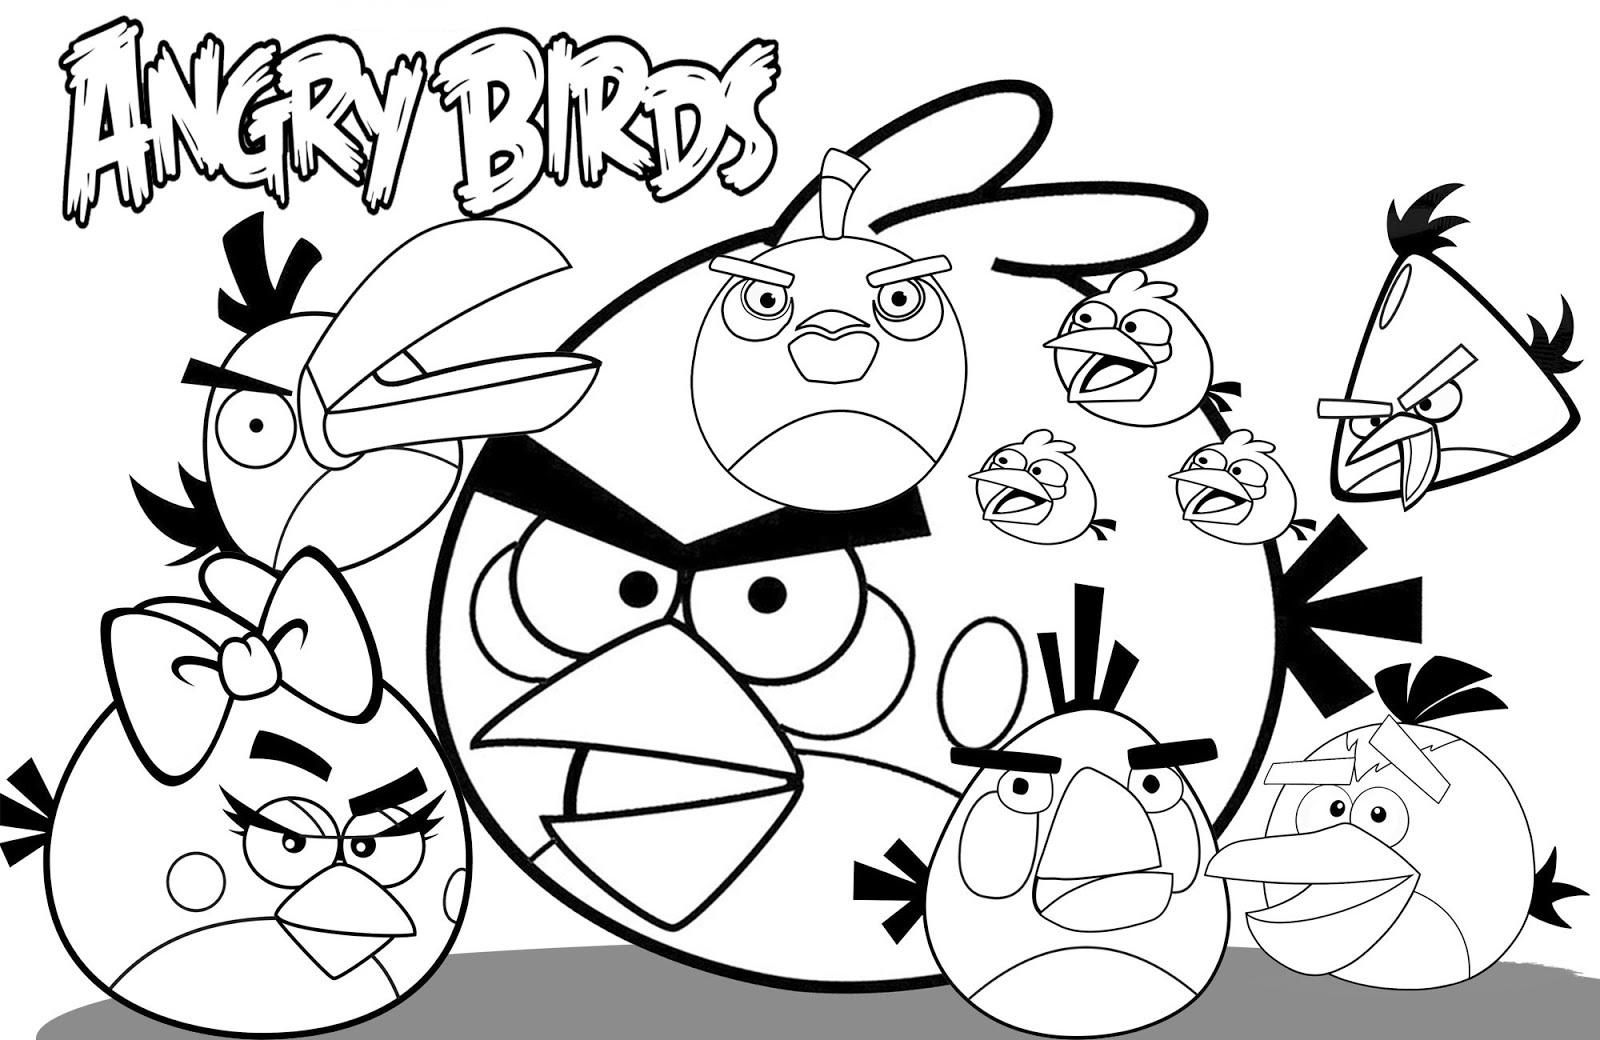 Desenhos Para Imprimir Do Angry Birds: Desenho De Red, Azul, Bomb E Amigos Do Angry Birds Para